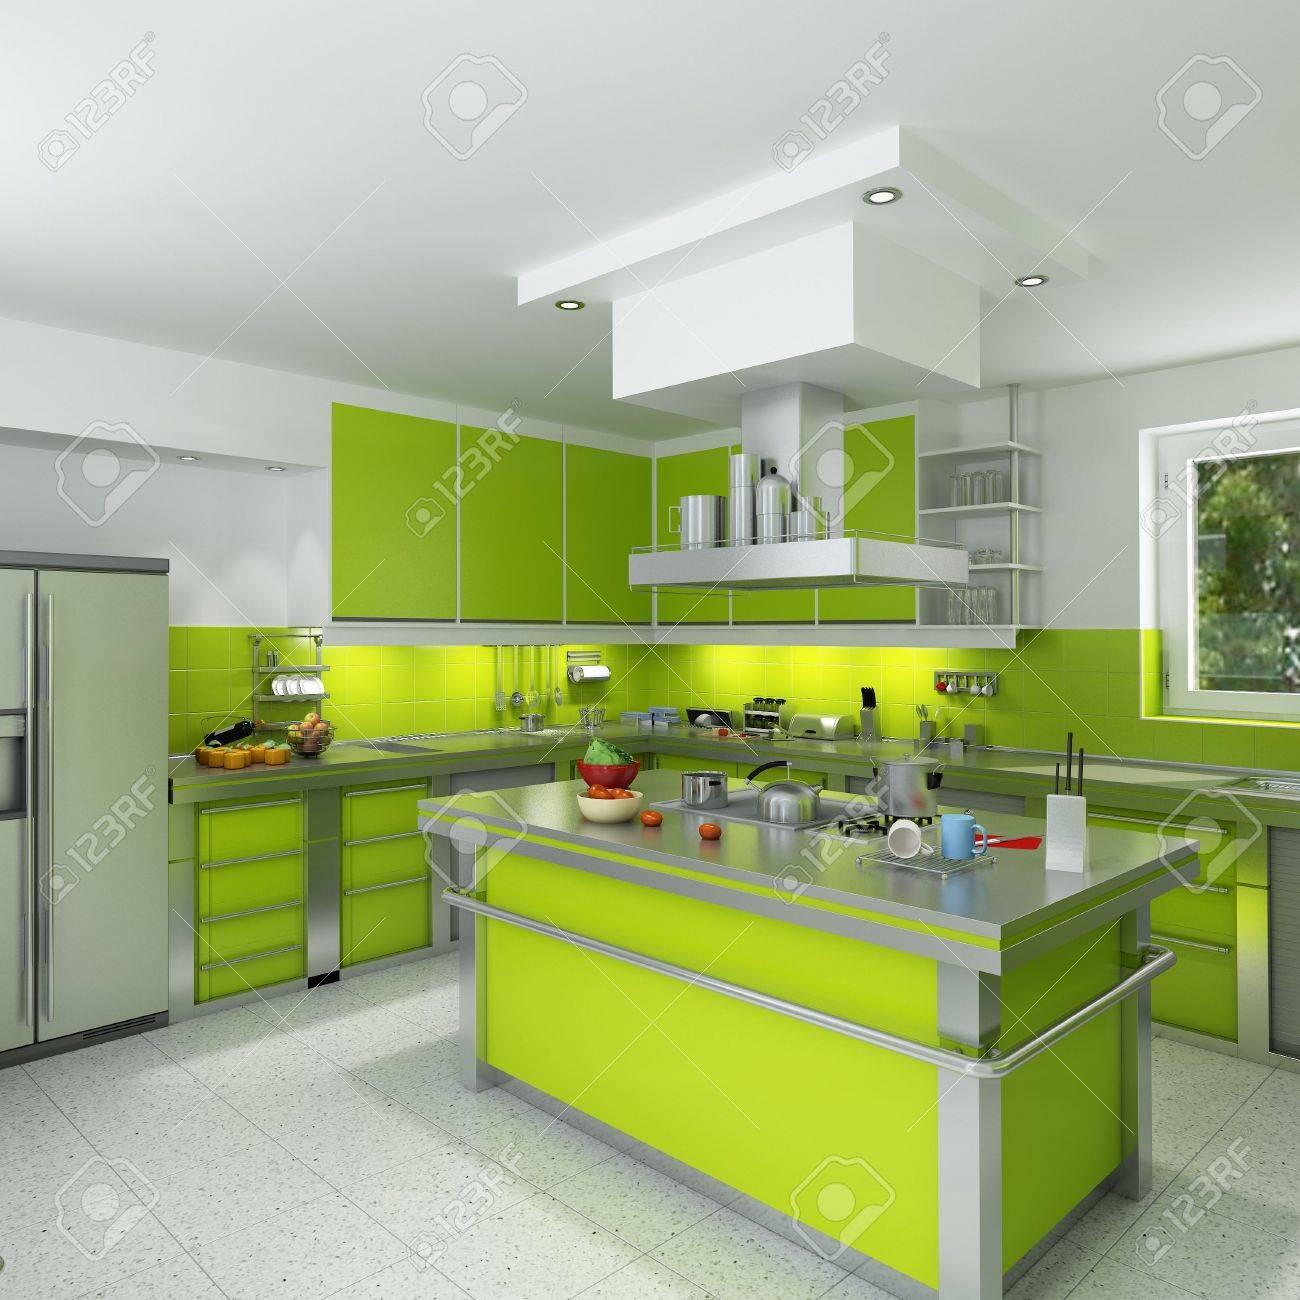 Le rendu 3d d'une cuisine moderne et spacieux dans le vert et le ...